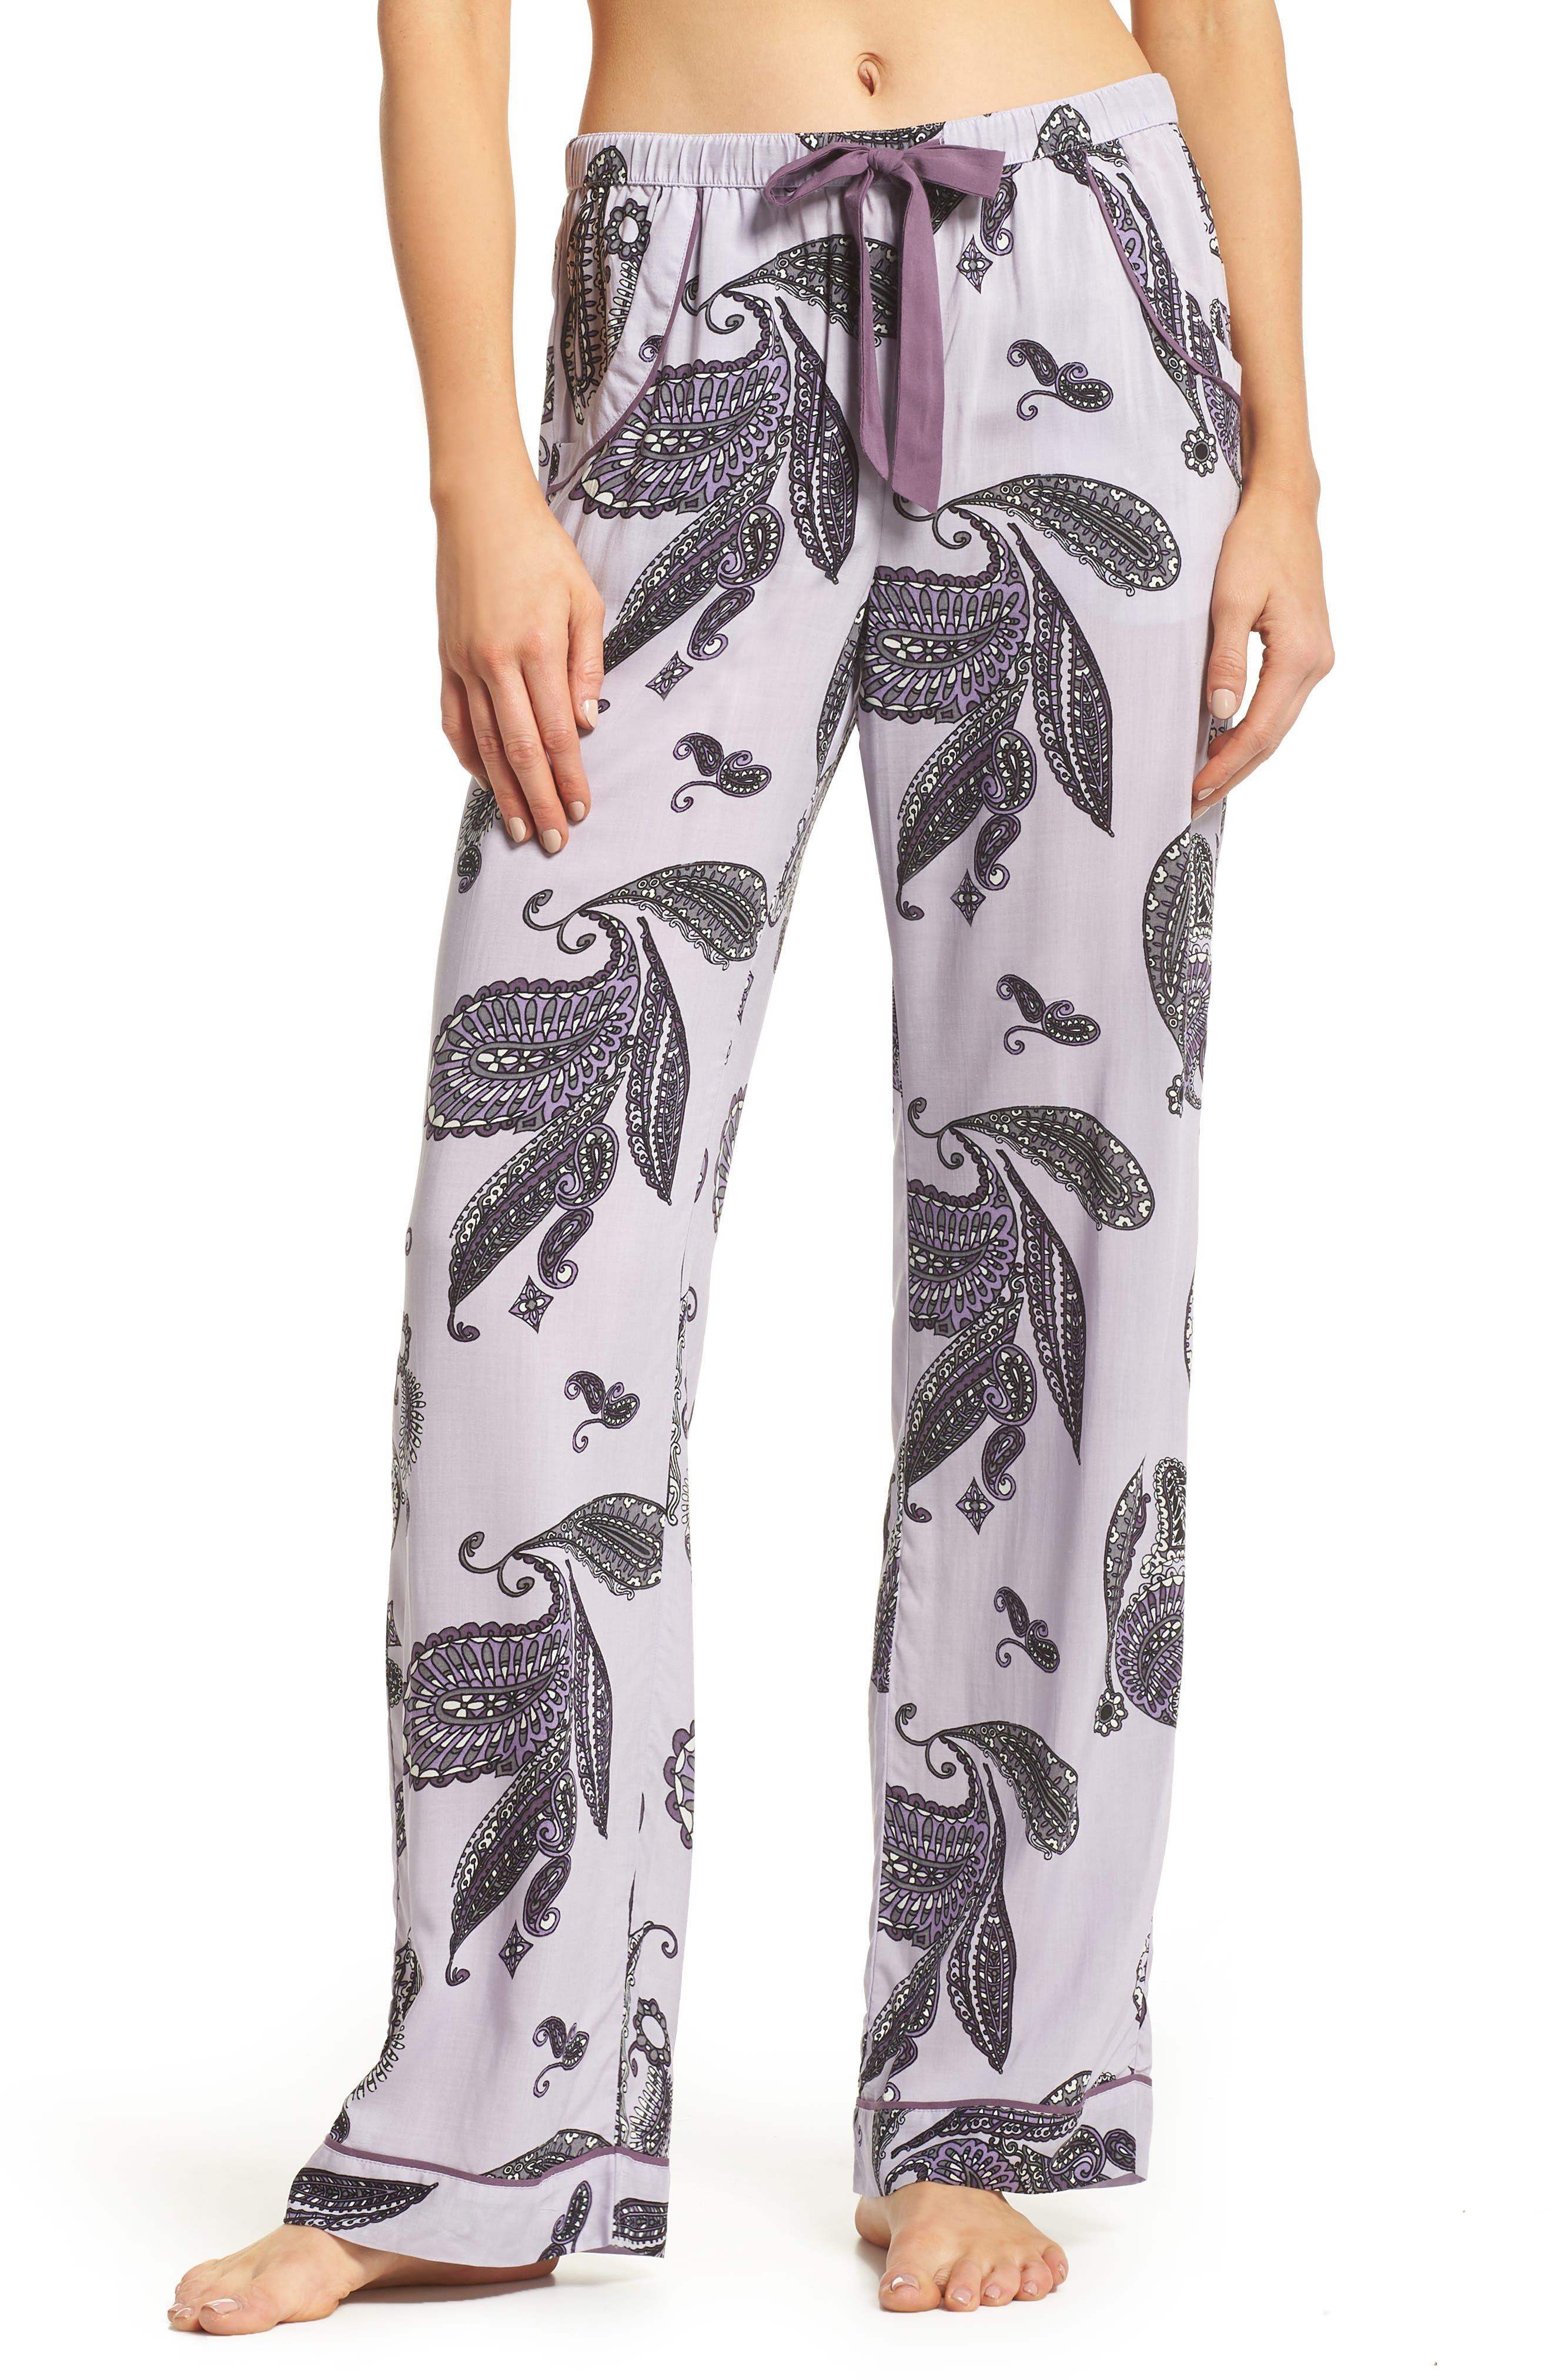 Sweet Dreams Lounge Pants,                             Main thumbnail 1, color,                             Purple Thistle Paisley